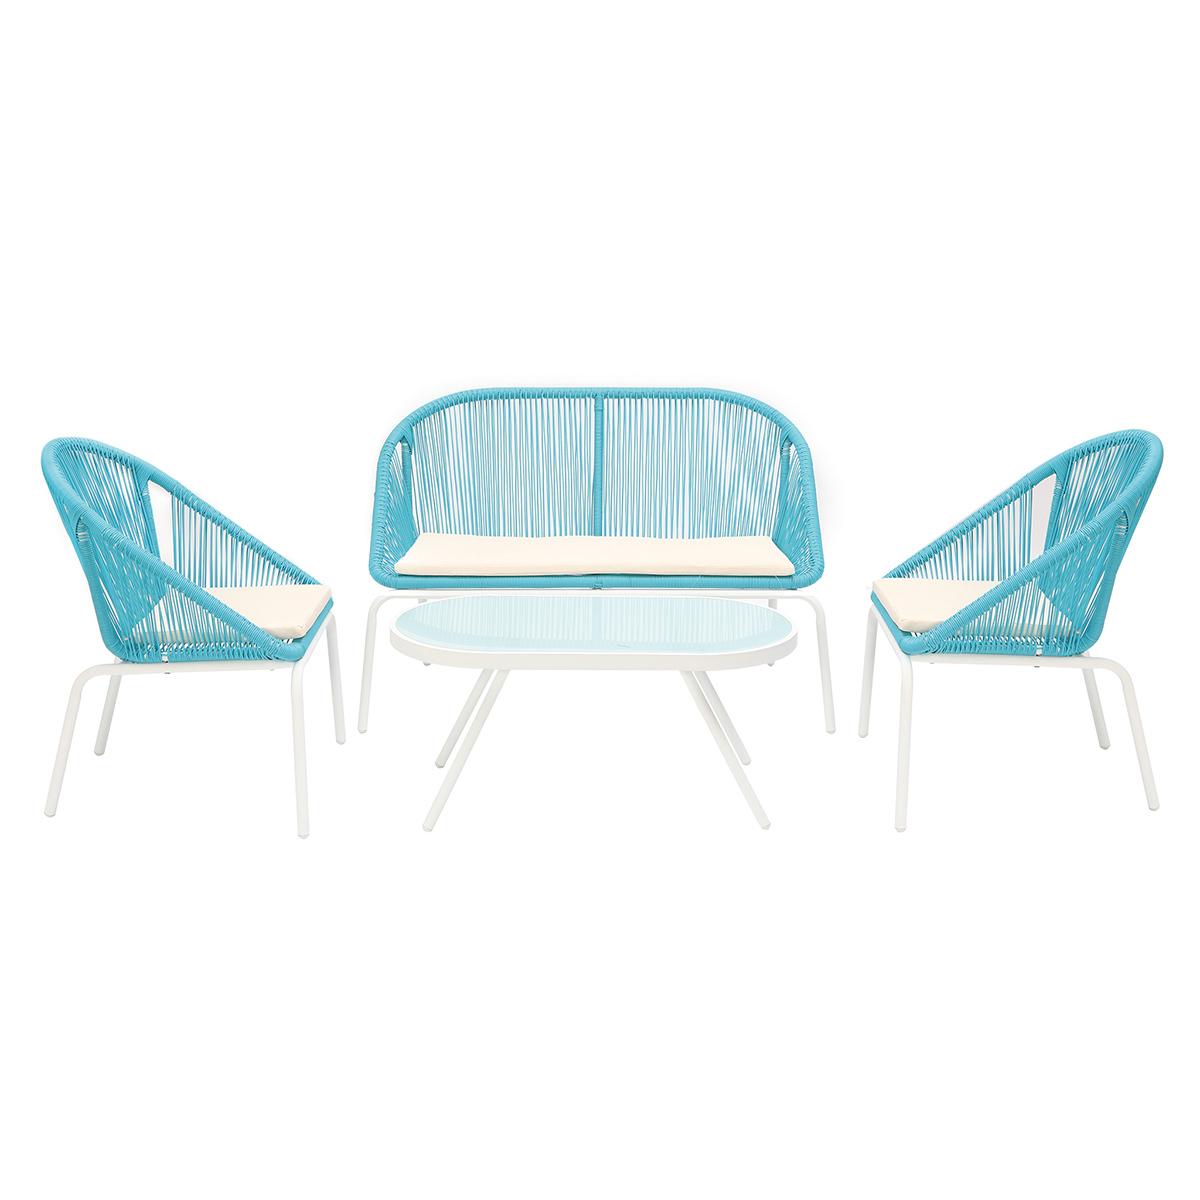 Salotto da giardino design in resina sintetica blu SUNNY